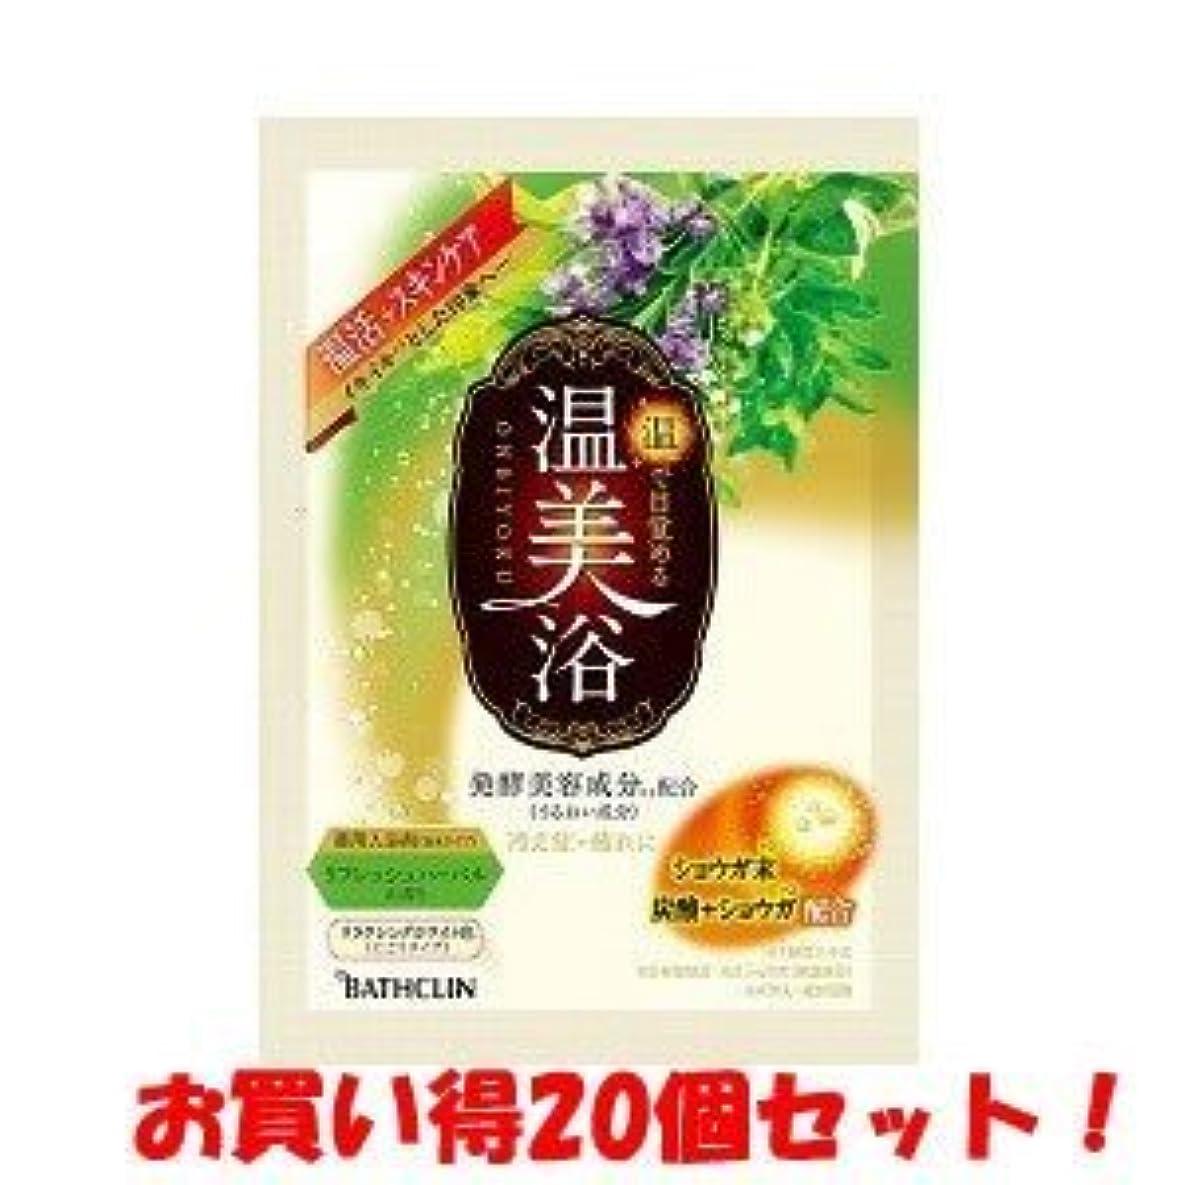 受け取る新年相対性理論(バスクリン)温美浴 リフレッシュハーバルの香り 40g(医薬部外品)(お買い得20個セット)